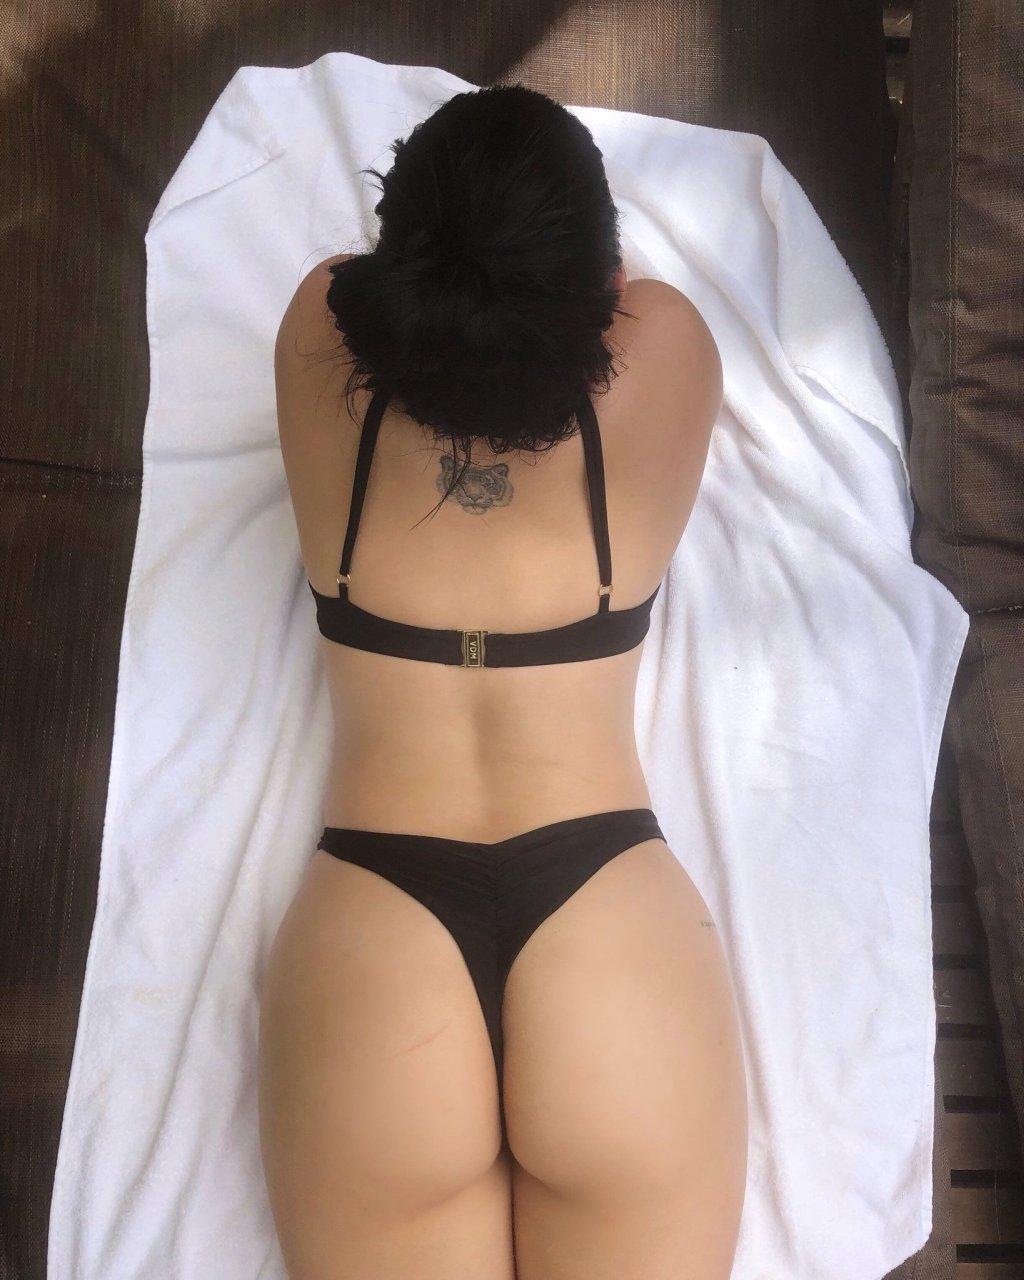 Suite life porn gifs